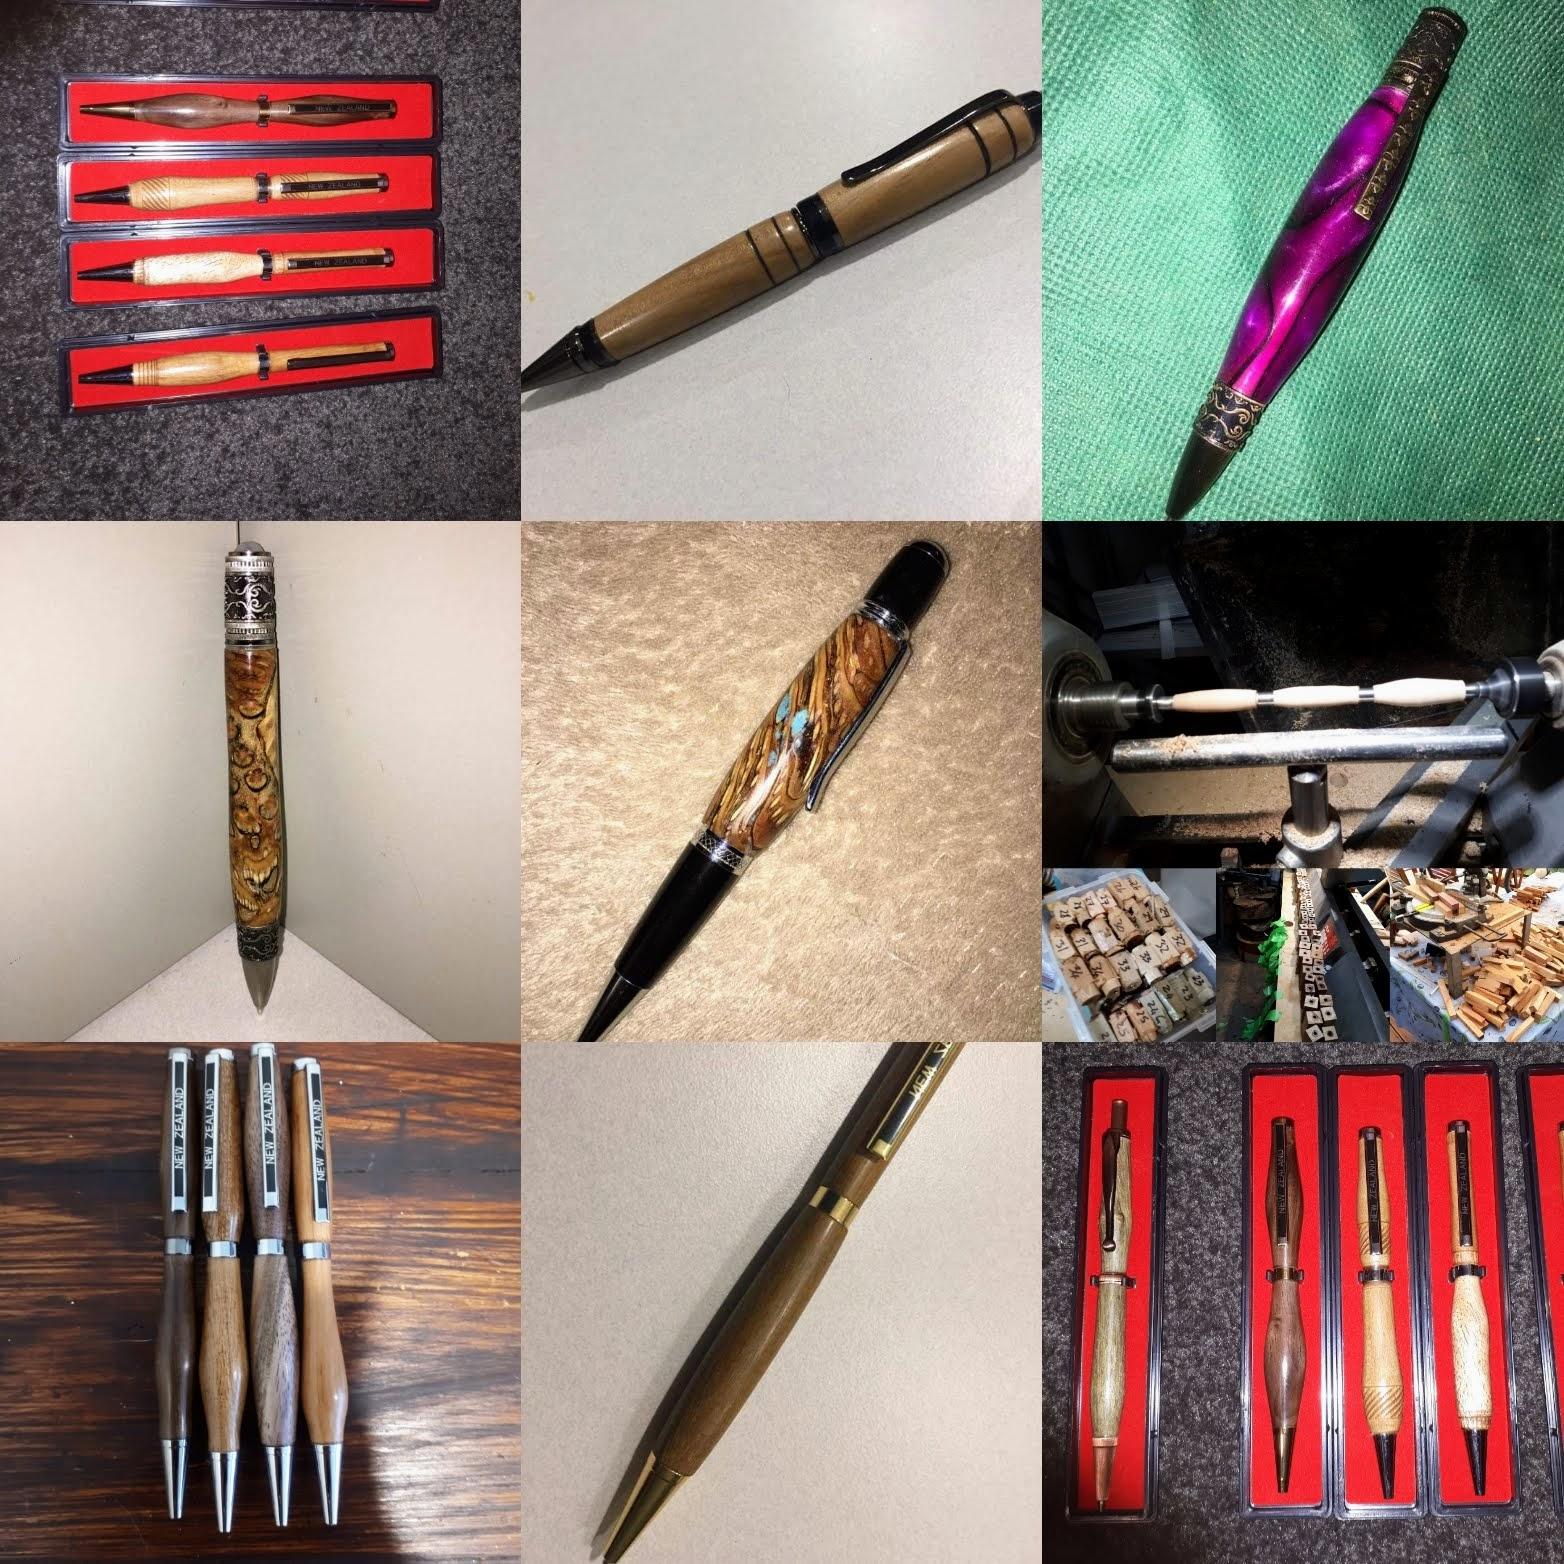 Handturned wooden pens